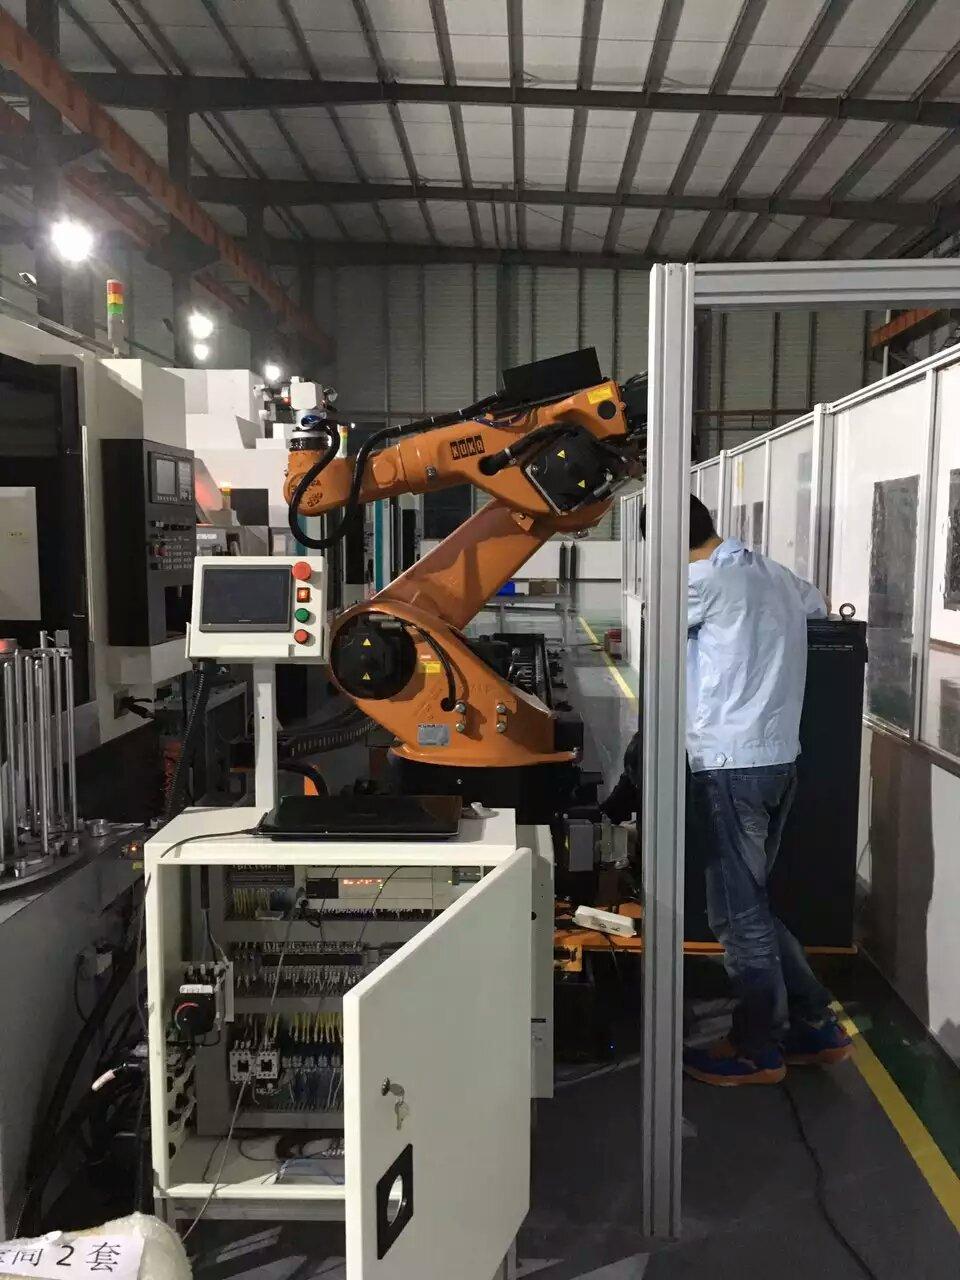 来自陳劍秋发布的供应信息:cNC+机械手... - 鐵王數控機床(蘇州)有限公司